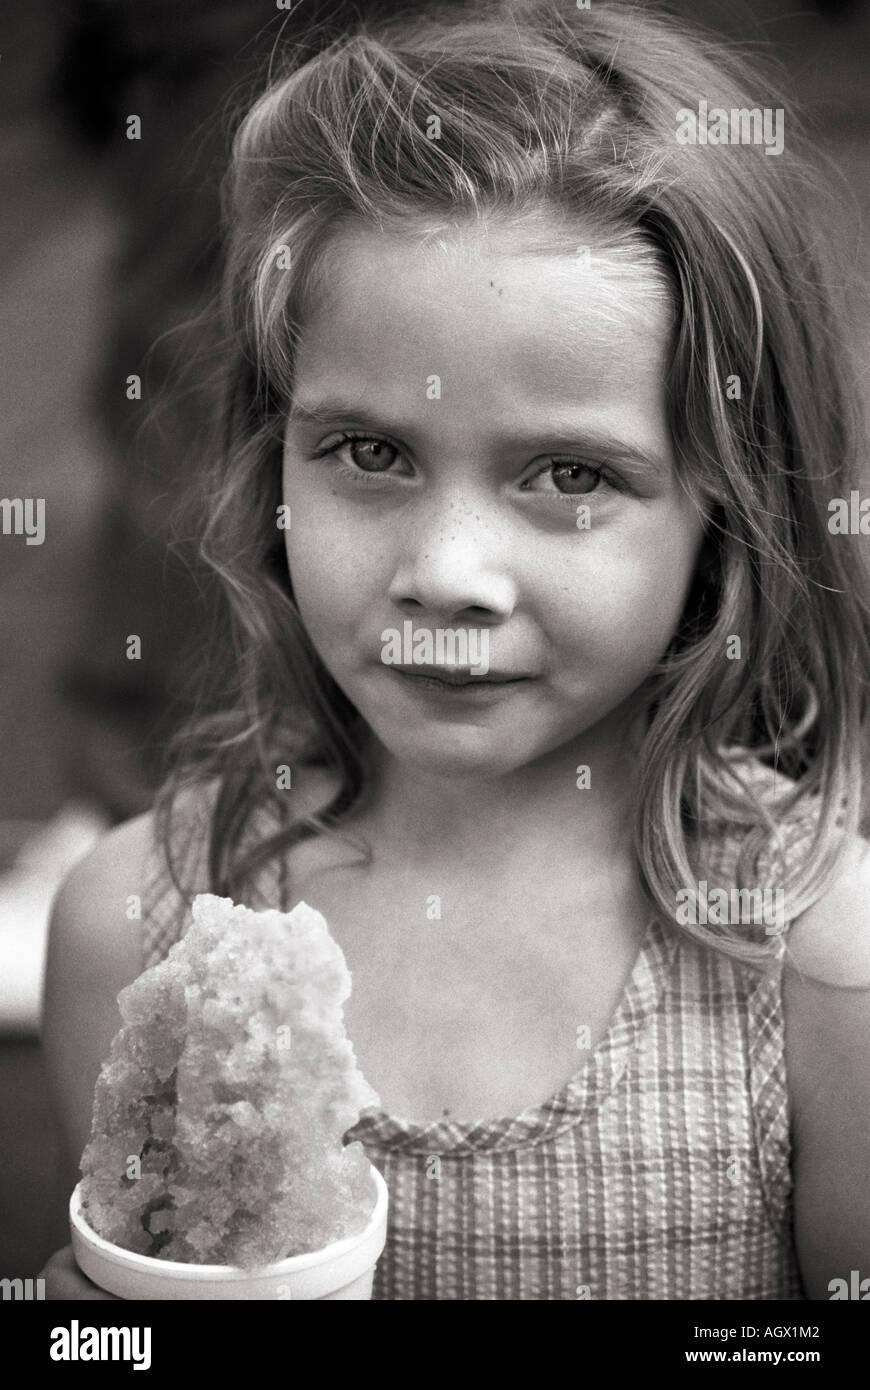 Girl holding un cône de neige un jour d'été. Photo Stock